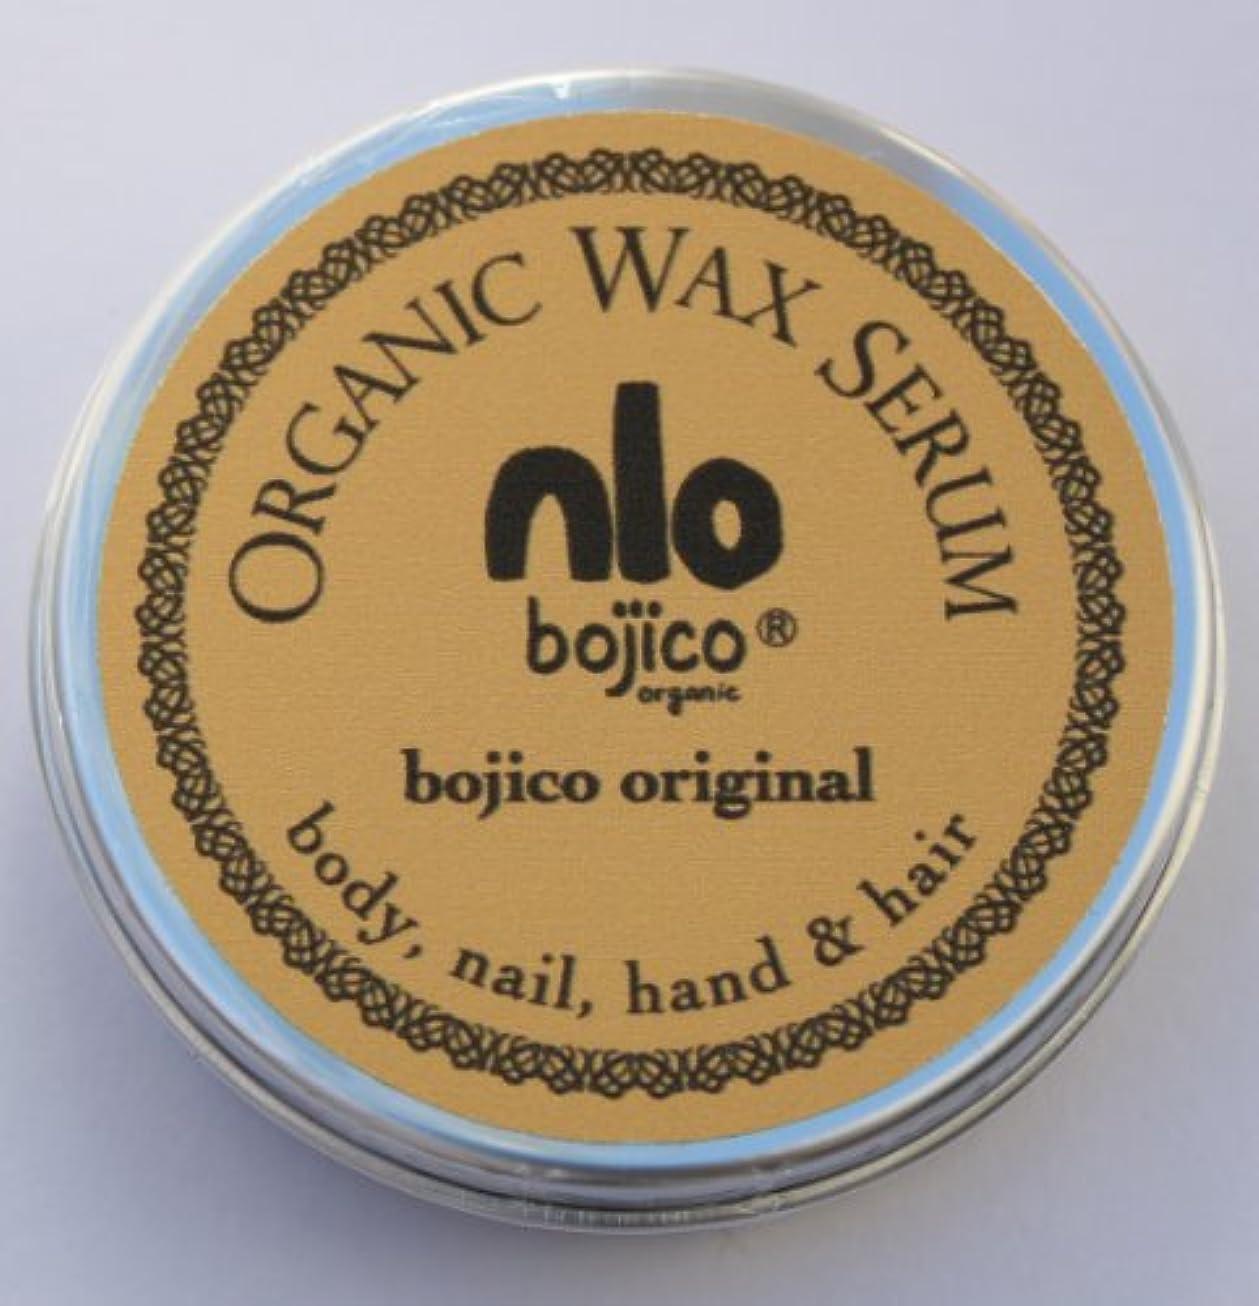 分析する架空のラケットbojico オーガニック ワックス セラム<オリジナル> Organic Wax Serum 40g